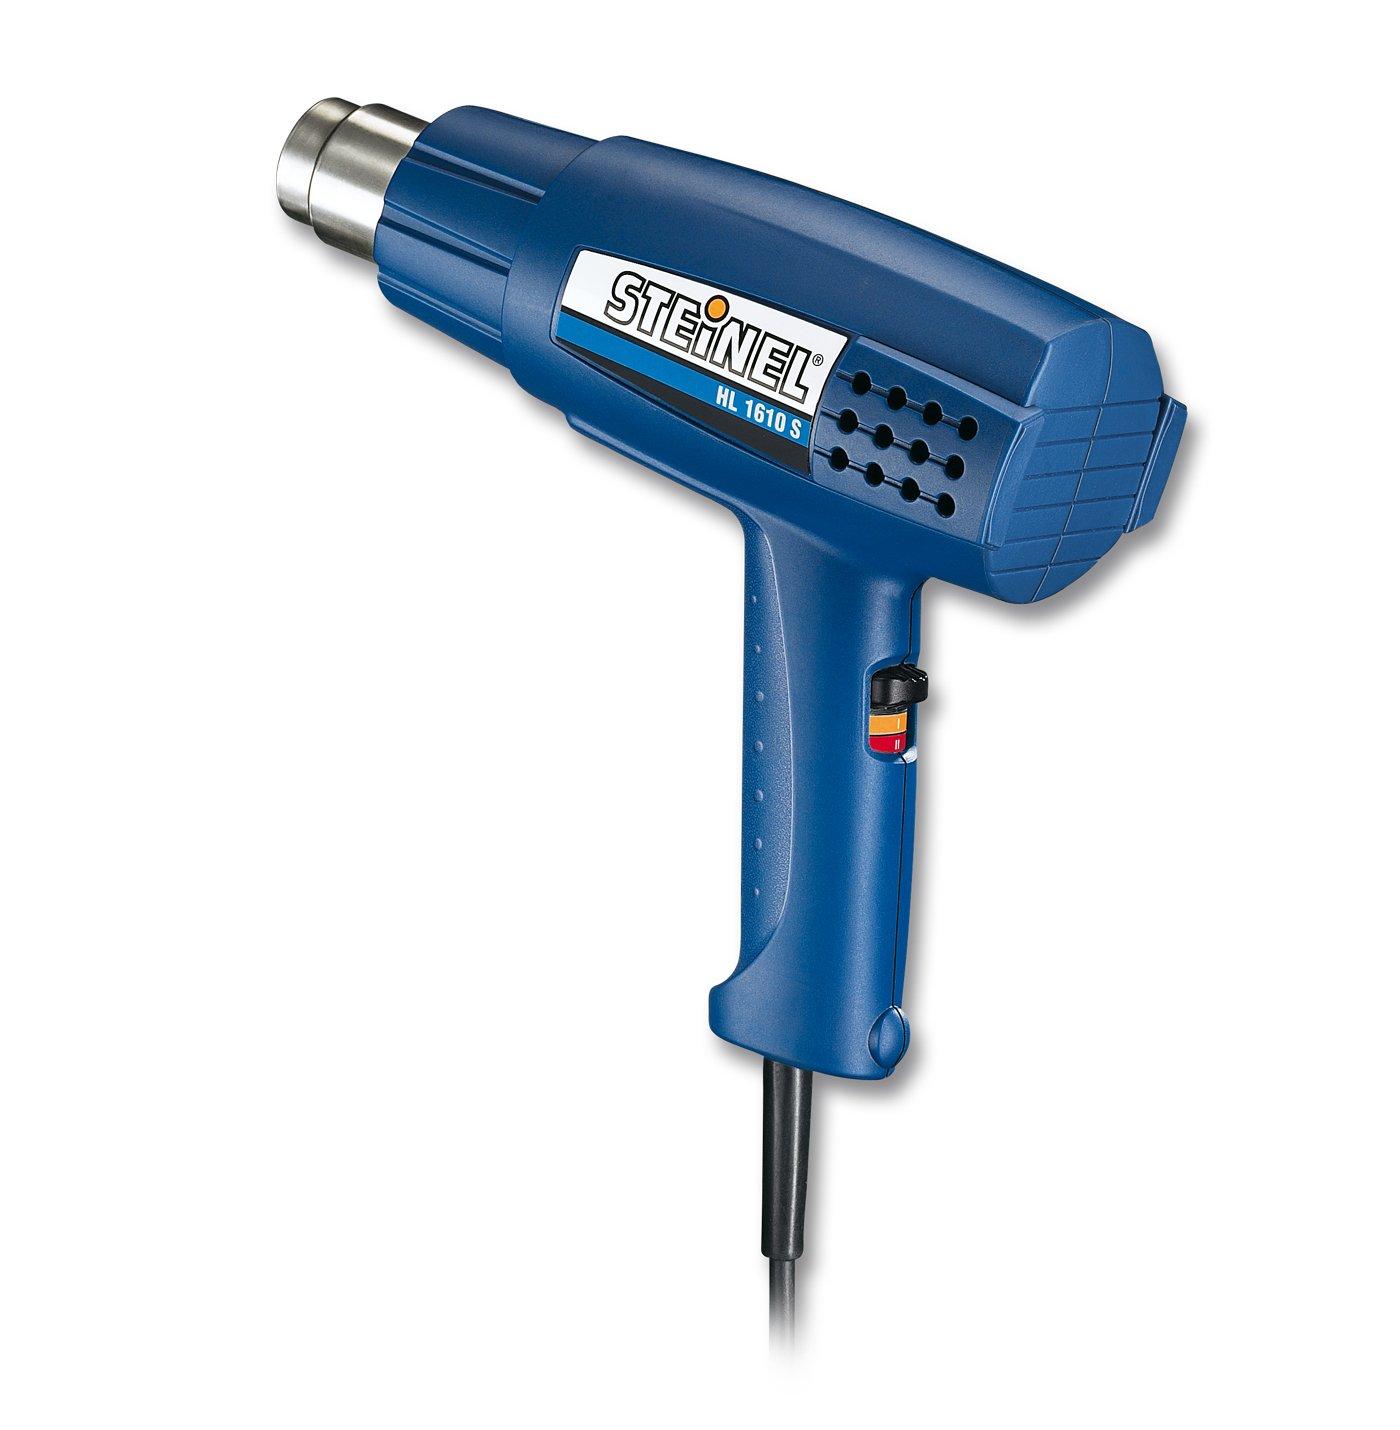 Steinel M100096 - Decapador hl 1610 s aire caliente 1600w Jäger 348014